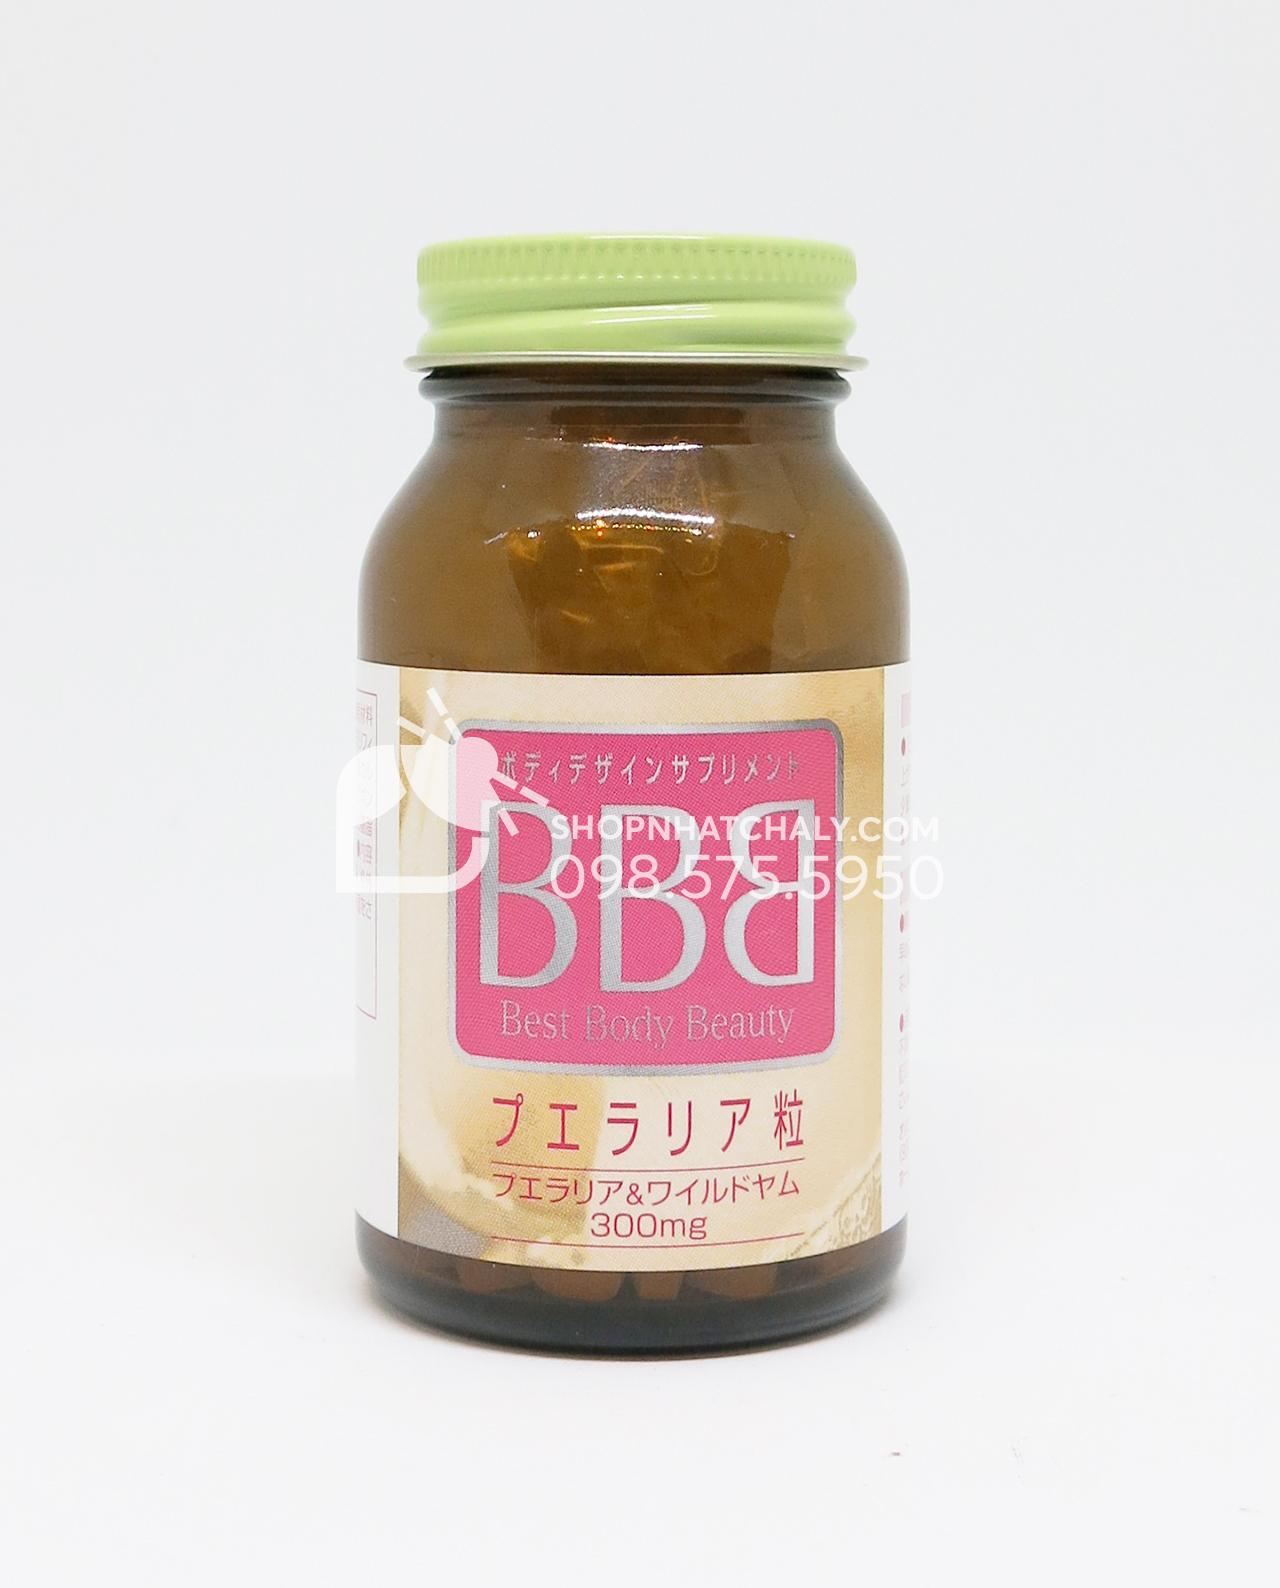 Thuốc nở ngực BBB Orihiro Best Body Beauty tăng kích thước vòng 1 lọ có 300 viên, dùng trong khoảng 1 tháng